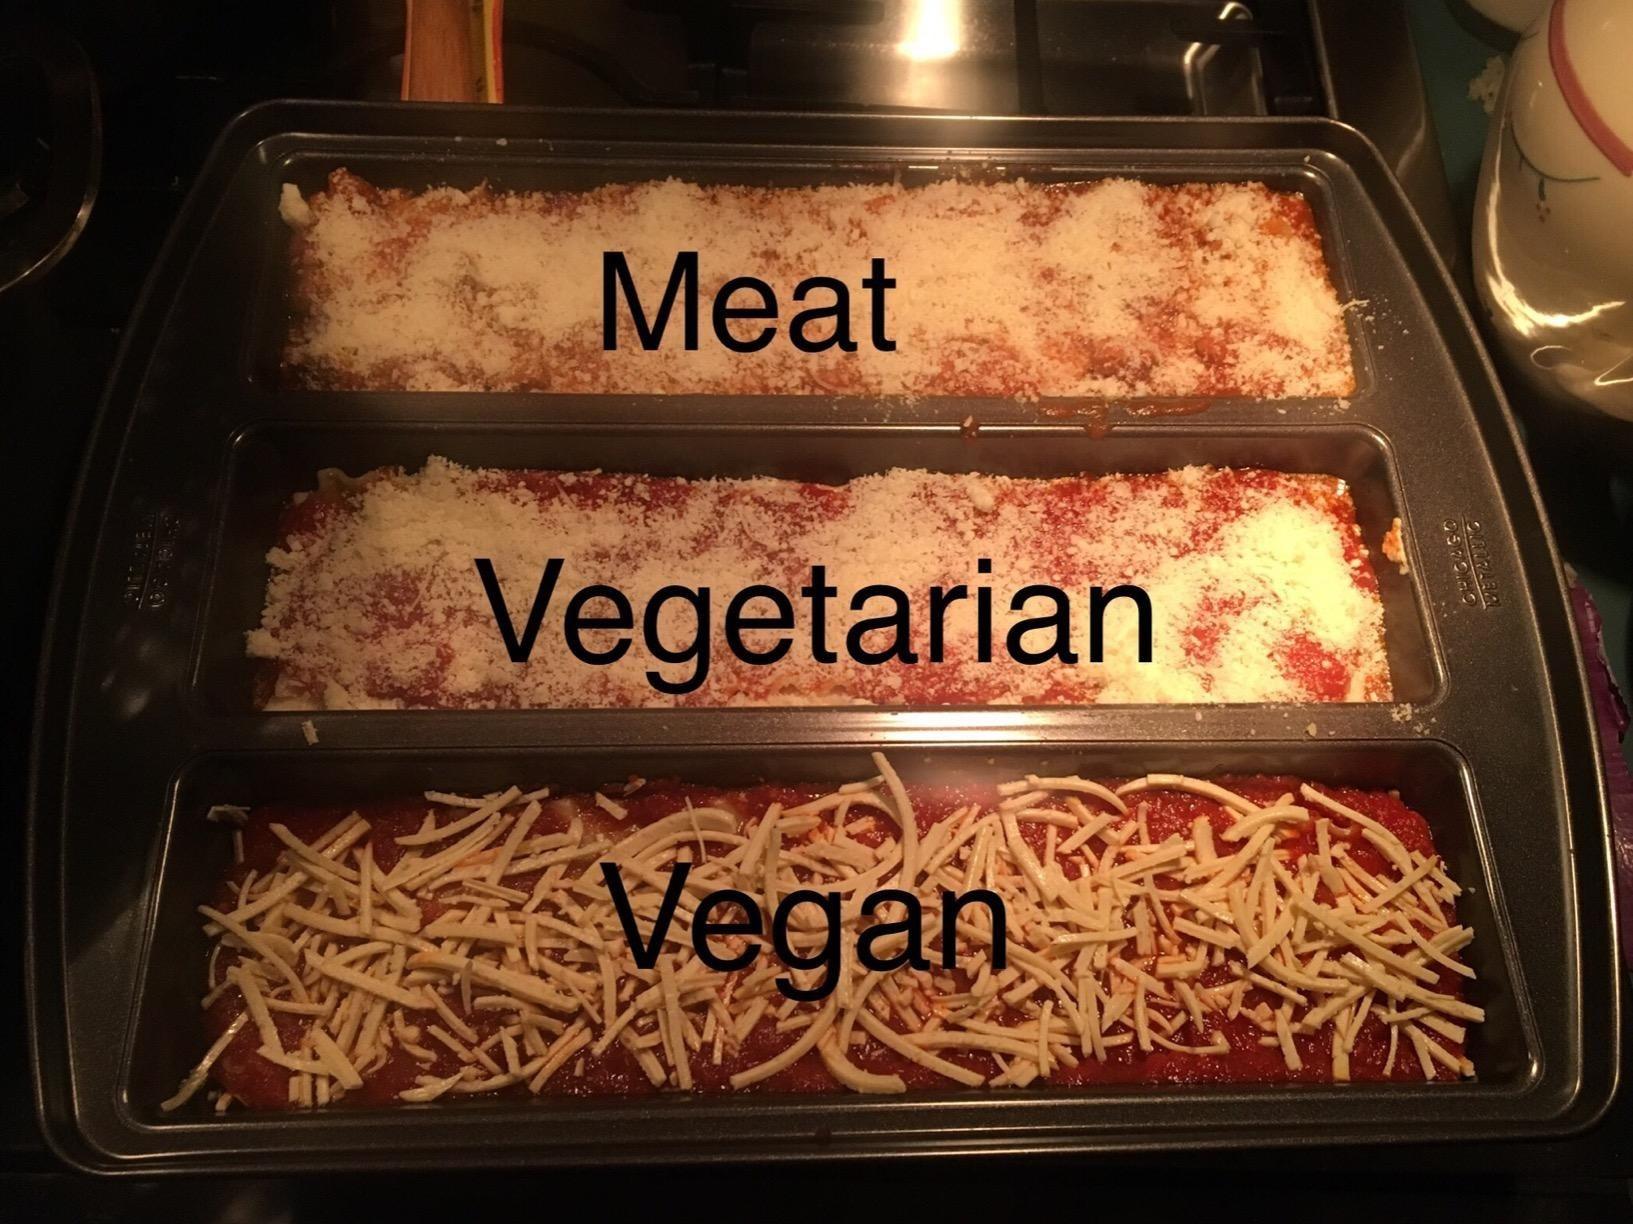 Reviewer photo of the lasagna pan, which has three slots for a meat lasagna, a vegetarian lasagna, and a vegan lasagna